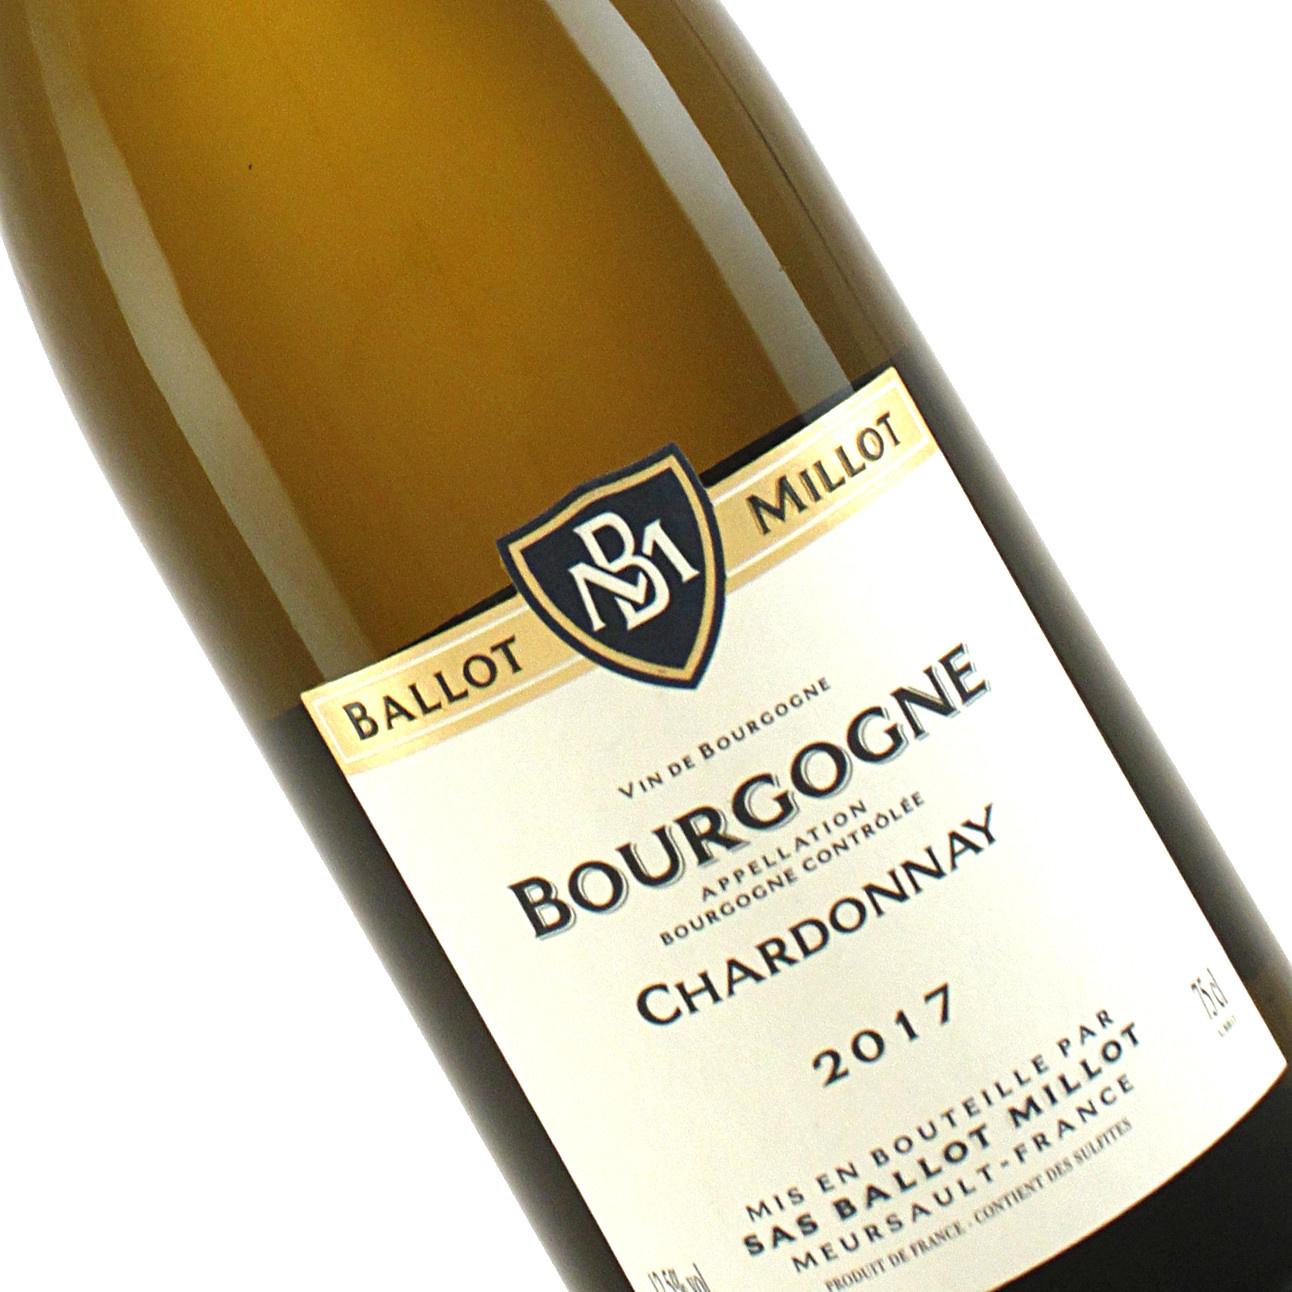 Ballot Millot 2017 Bourgogne Chardonnay